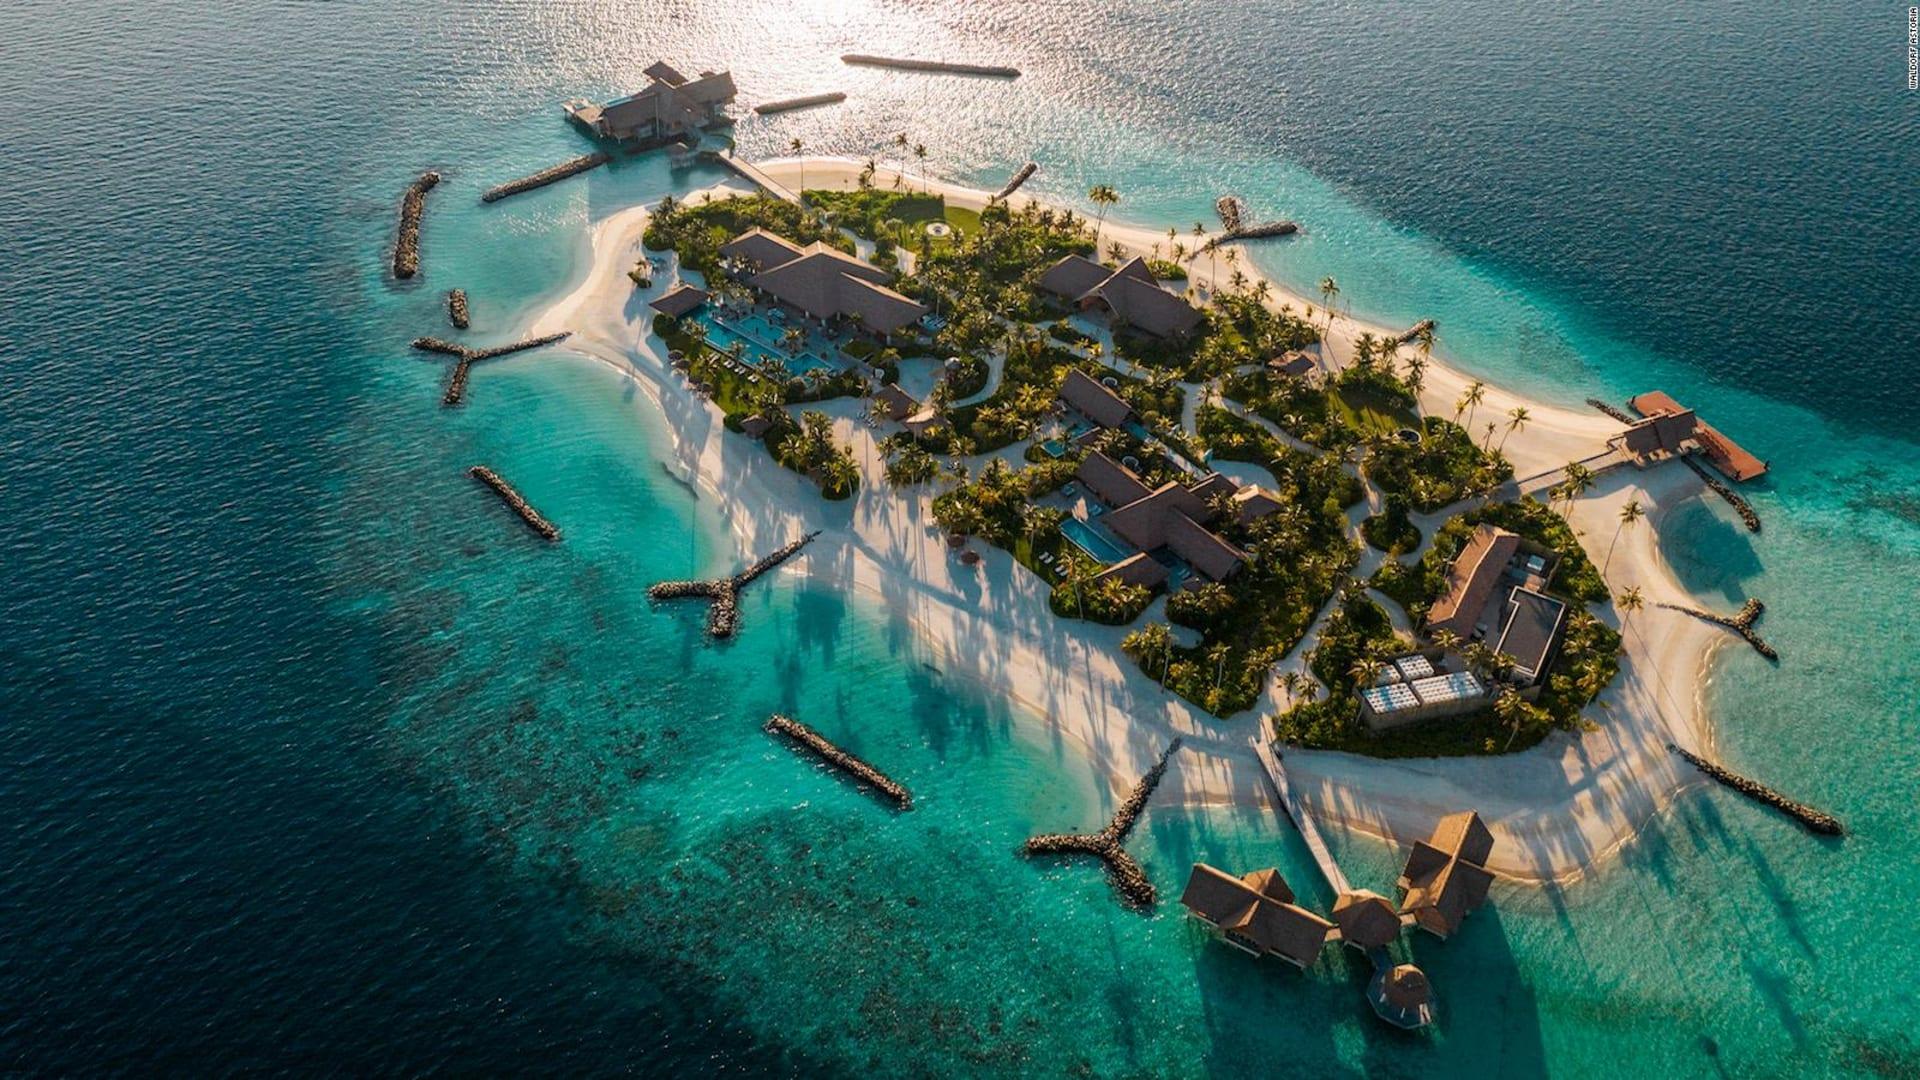 مثالية للعزلة وسط كورونا..عش تجربة فاخرة داخل أكبر الجزر الخاصة في المالديف